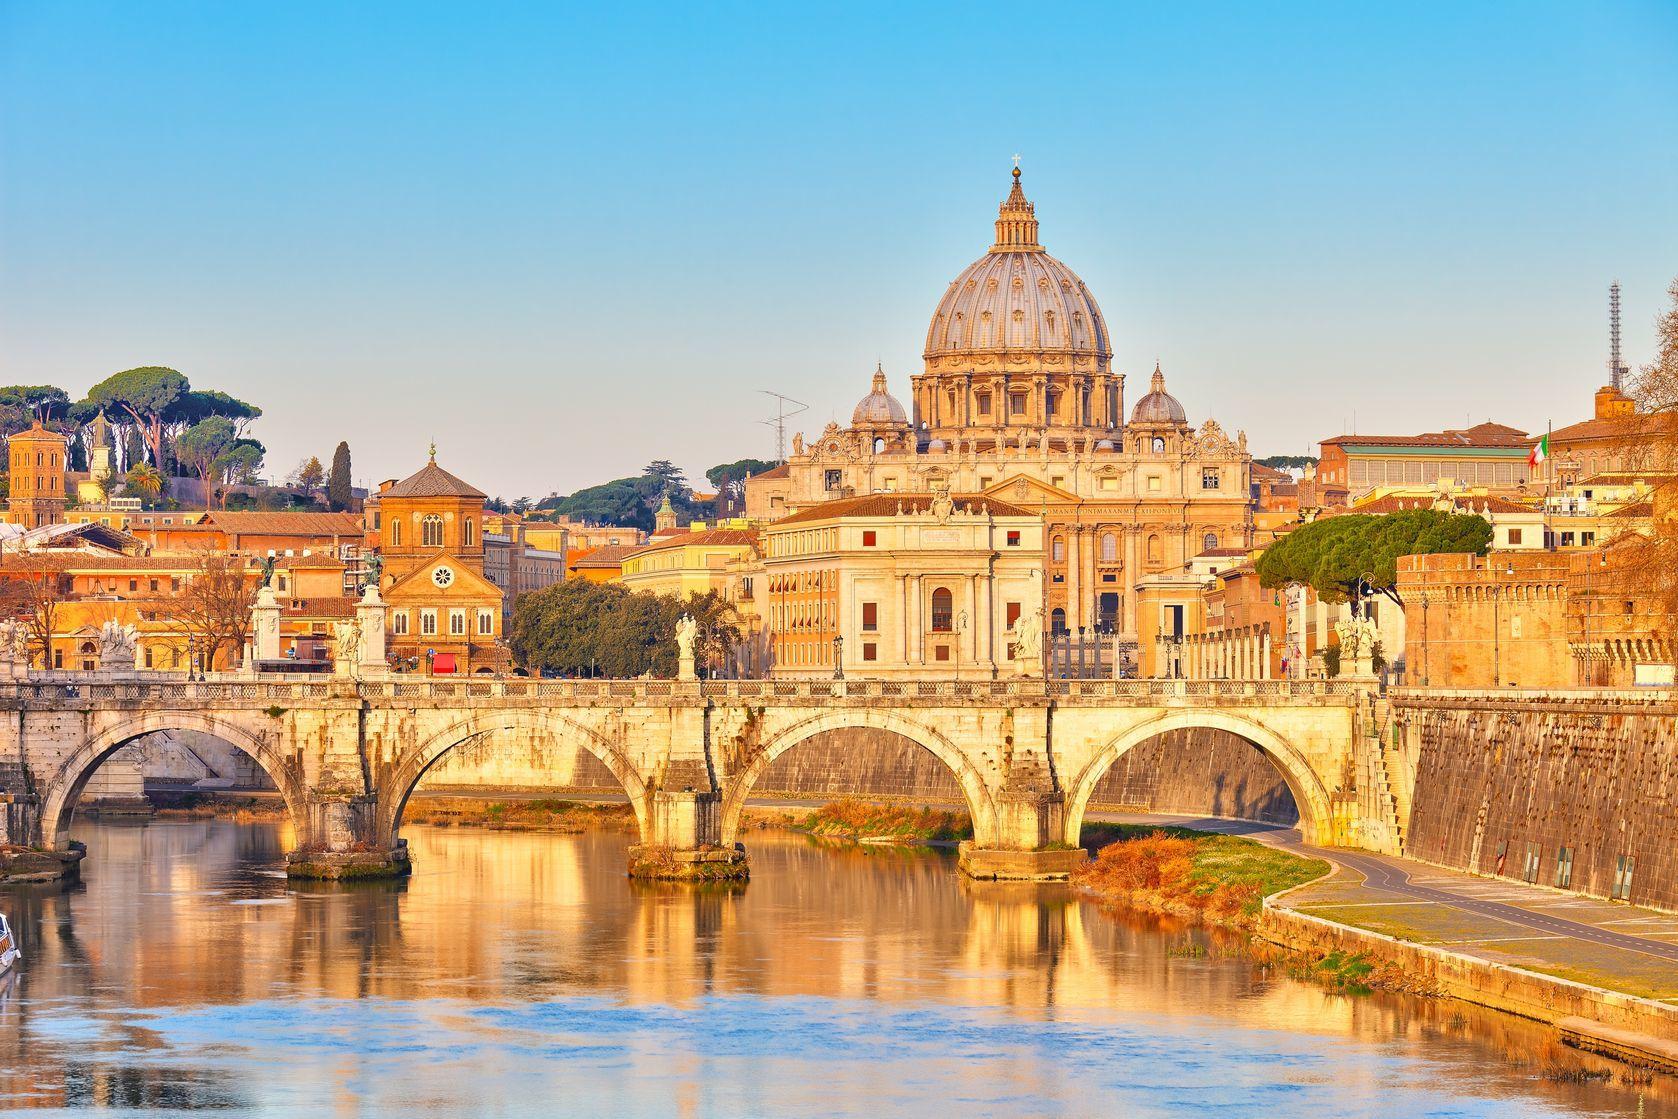 Pohled na architekturu Vatikánu | sborisov/123RF.com